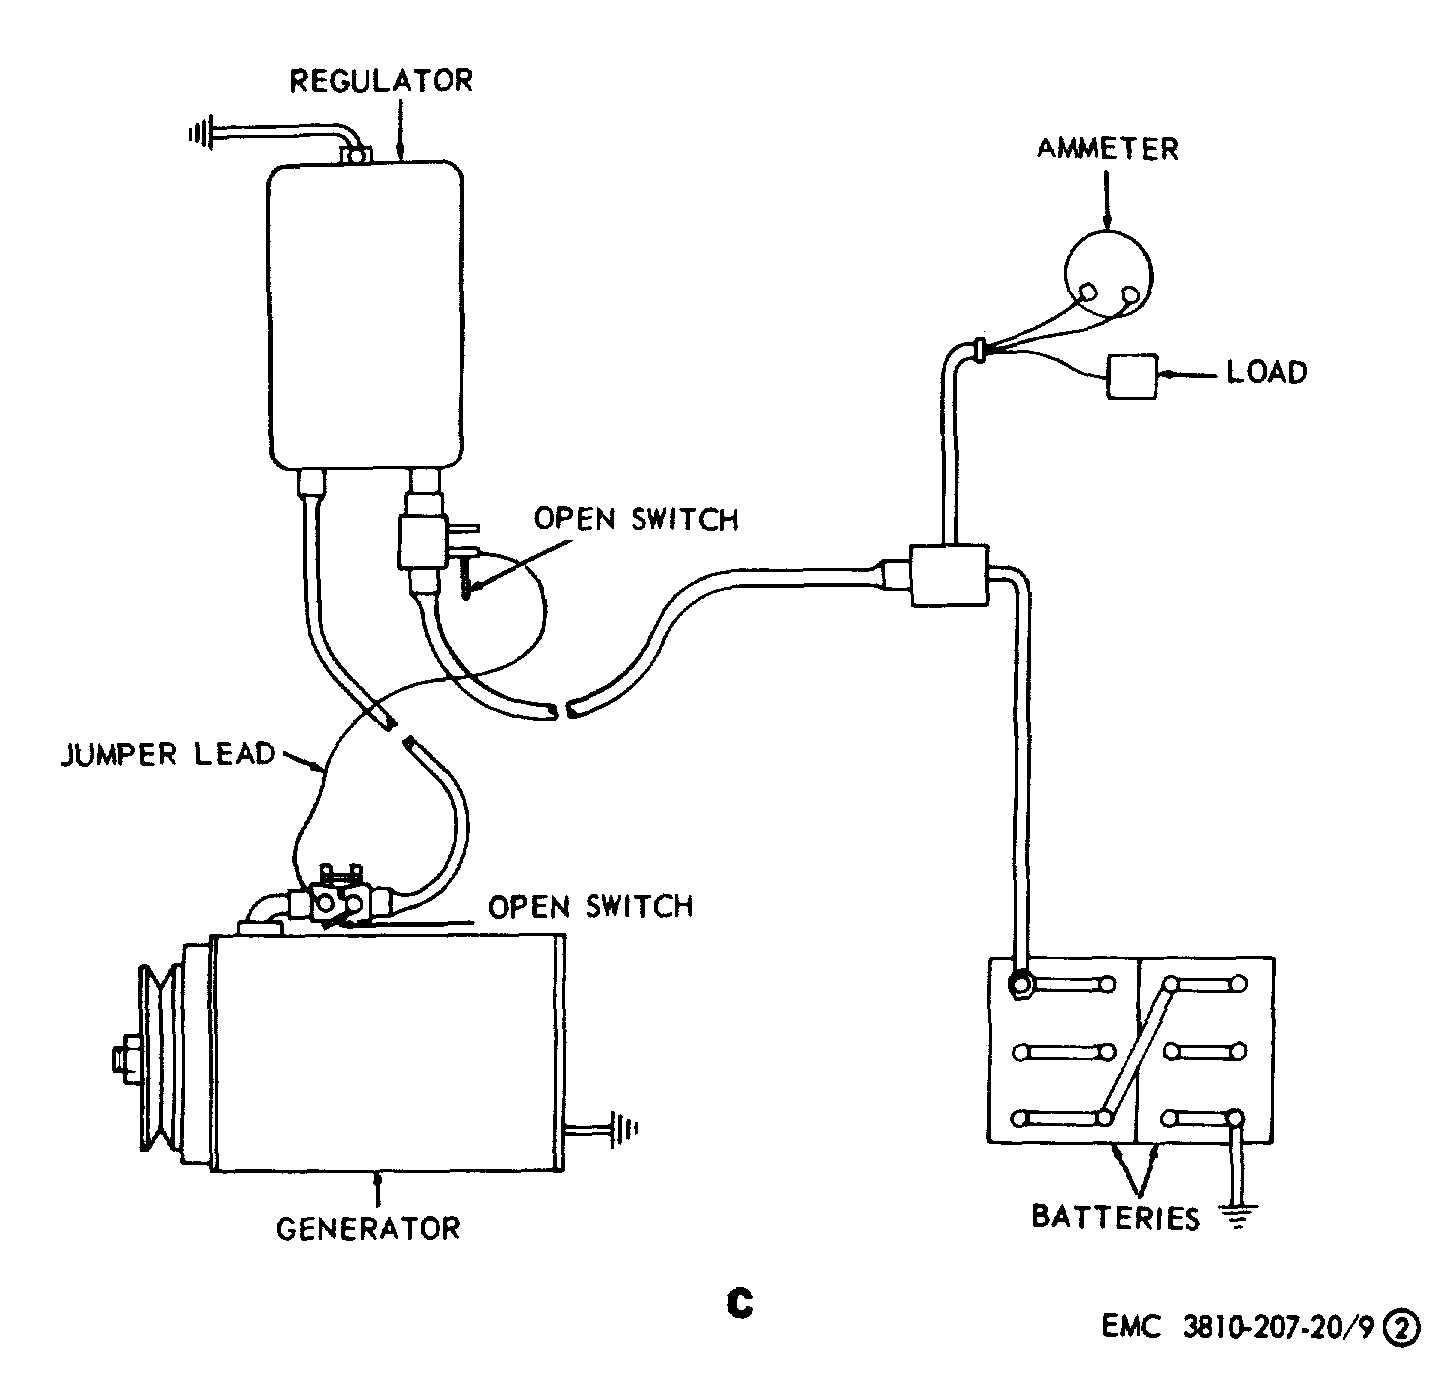 Generator Voltage Regulator Wiring Diagram   Manual E-Books - 12 Volt Generator Voltage Regulator Wiring Diagram